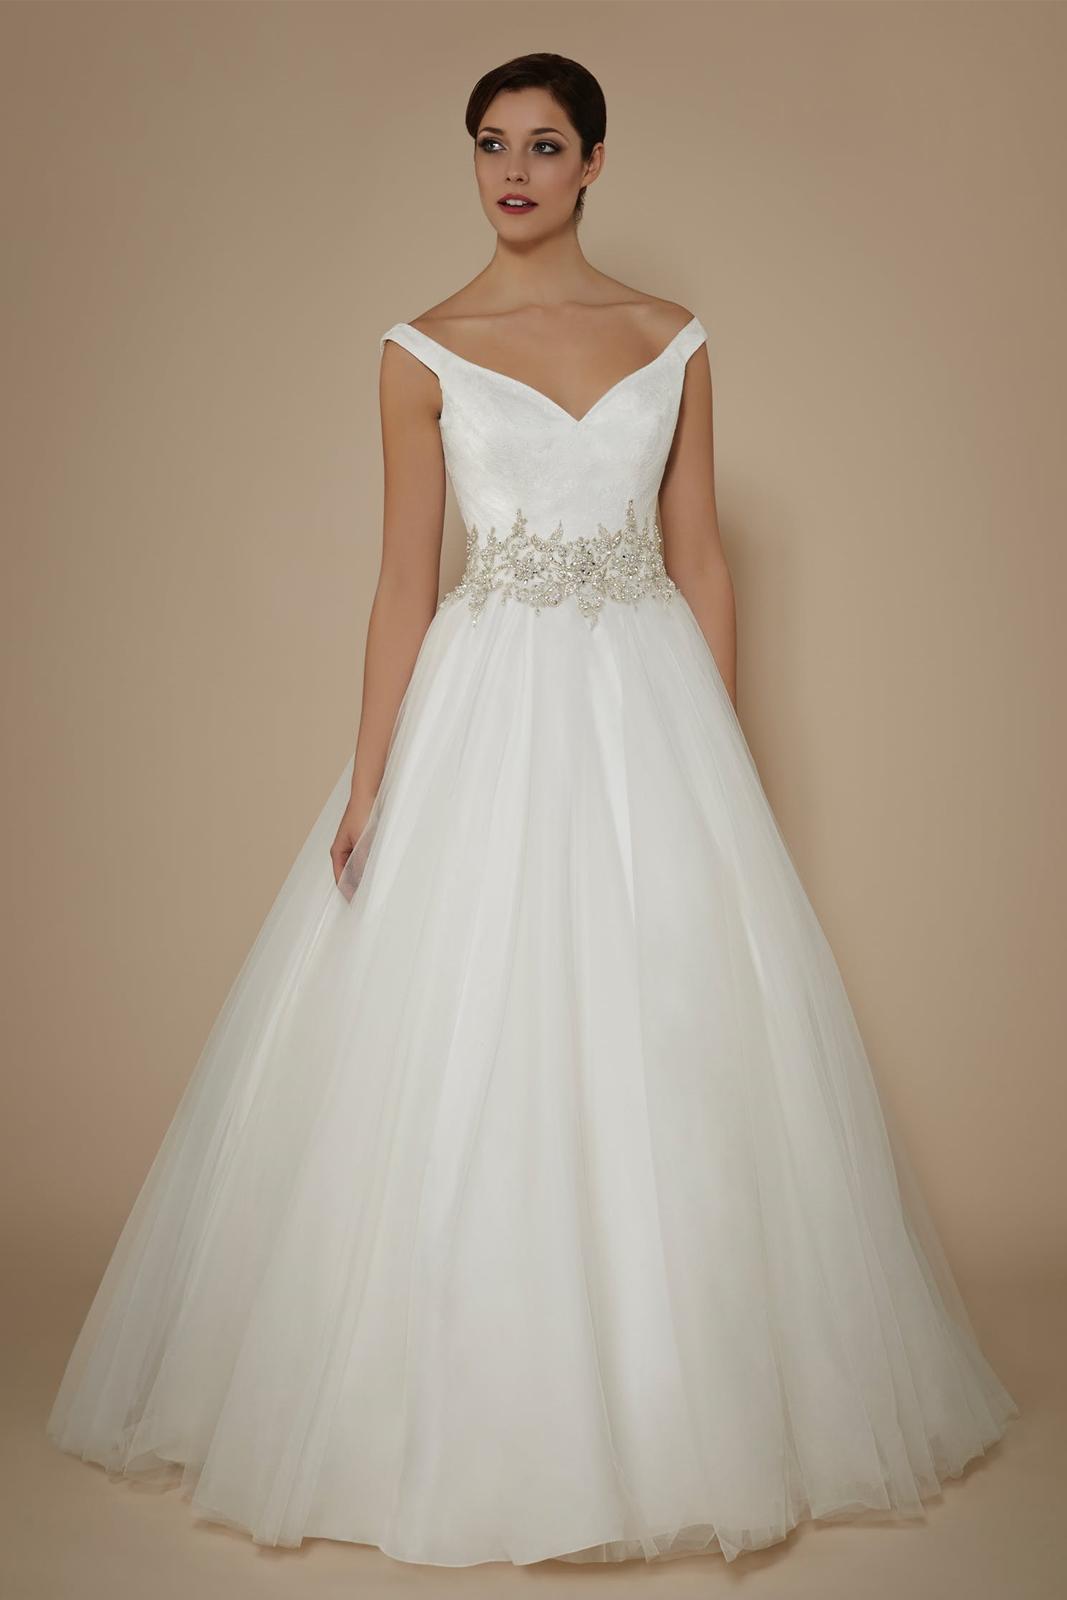 Tallulah - Wedding Dress - Calèche Bridal |Tallulah Wedding Dress